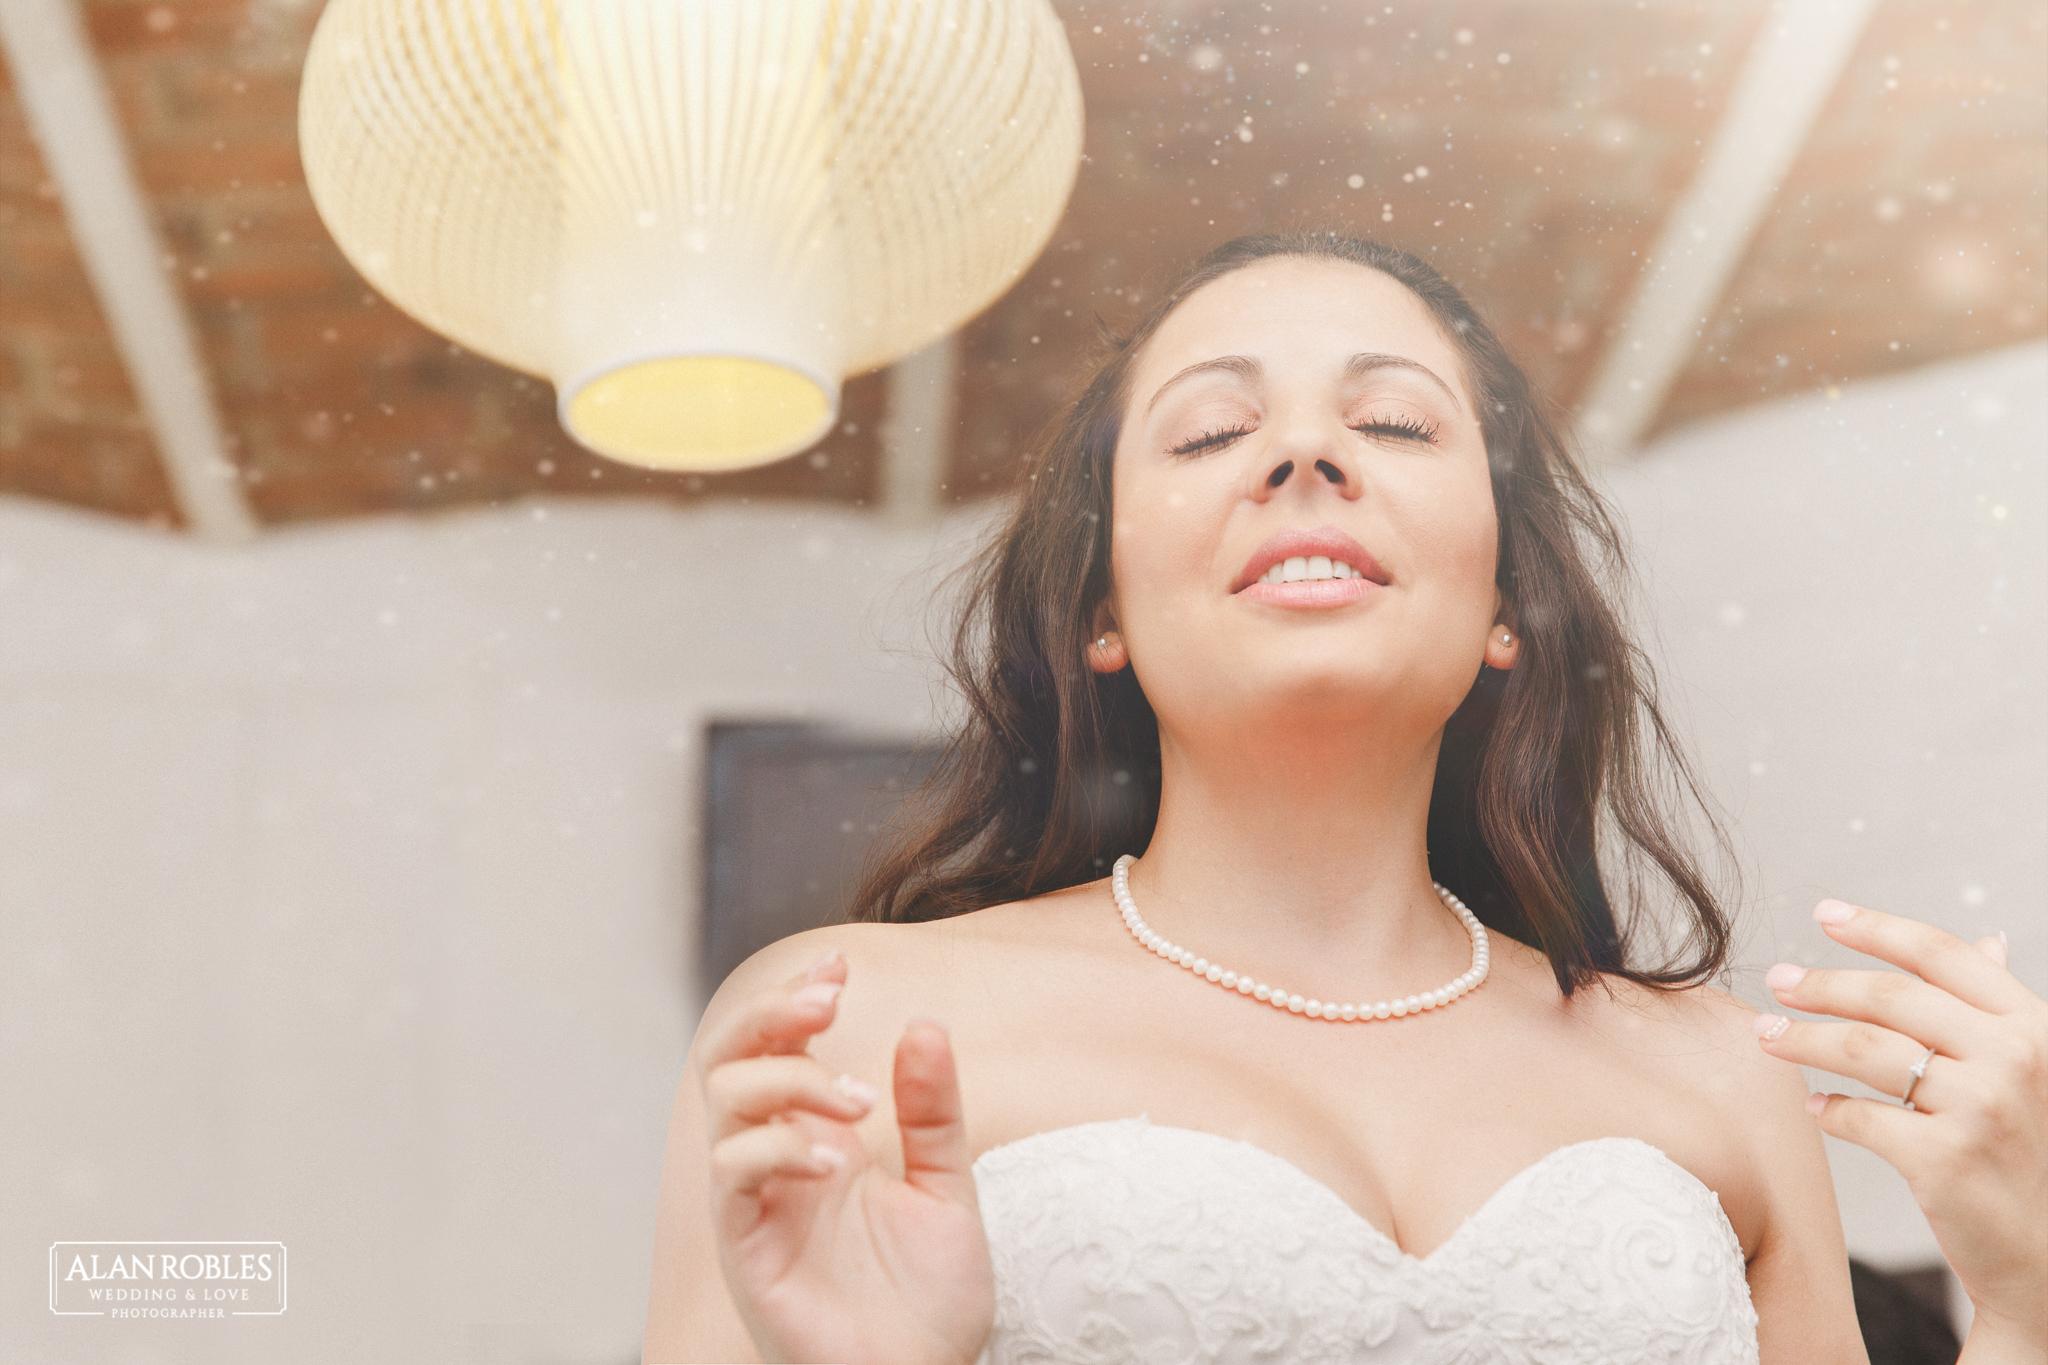 Novia enamorada con luces, el dia de su boda. Fotografia documental de bodas. Alan Robles, fotografo de bodas en Guadalajara.